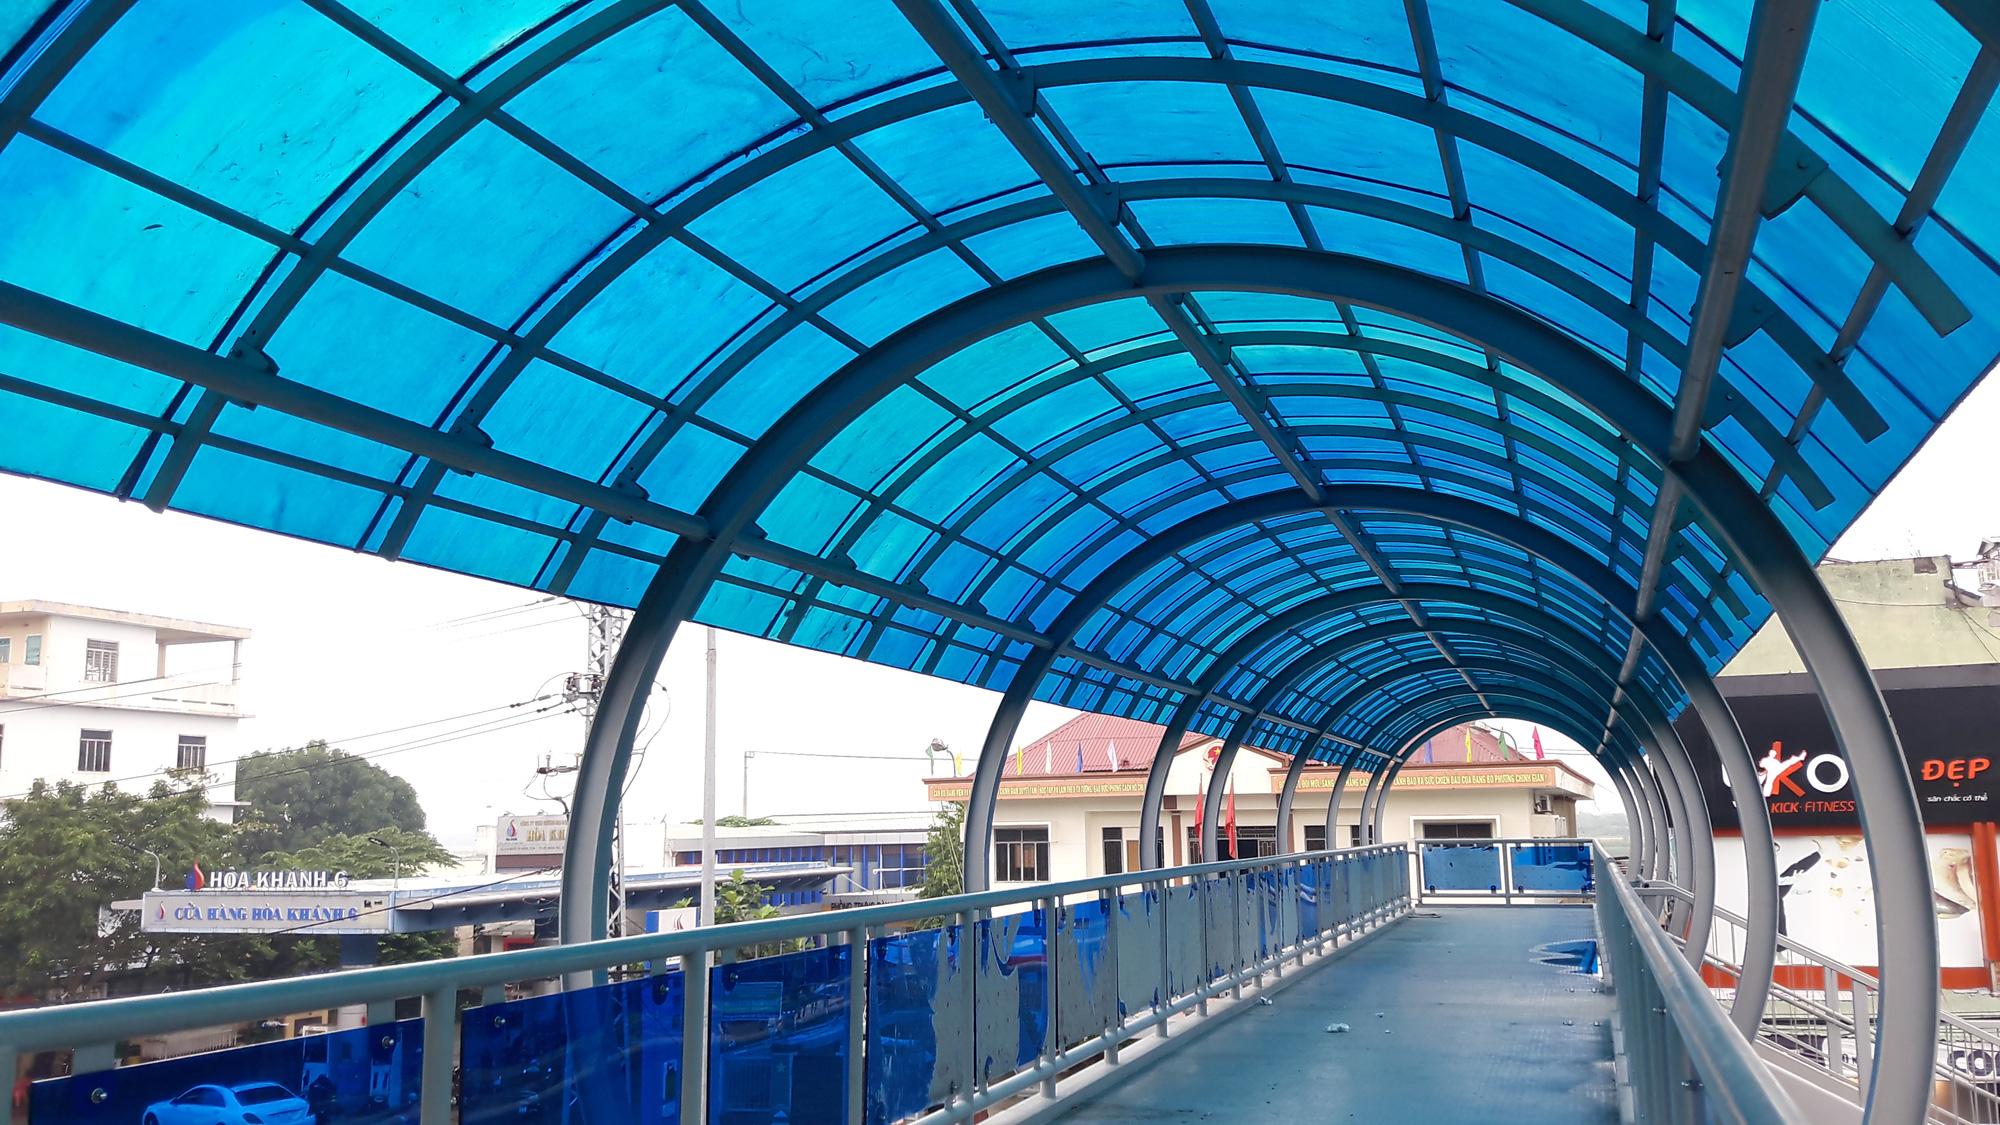 Cận cảnh cầu đi bộ tiền tỉ qua công viên 29/3 Đà Nẵng đầu tư cho người dân thụ hưởng - Ảnh 10.